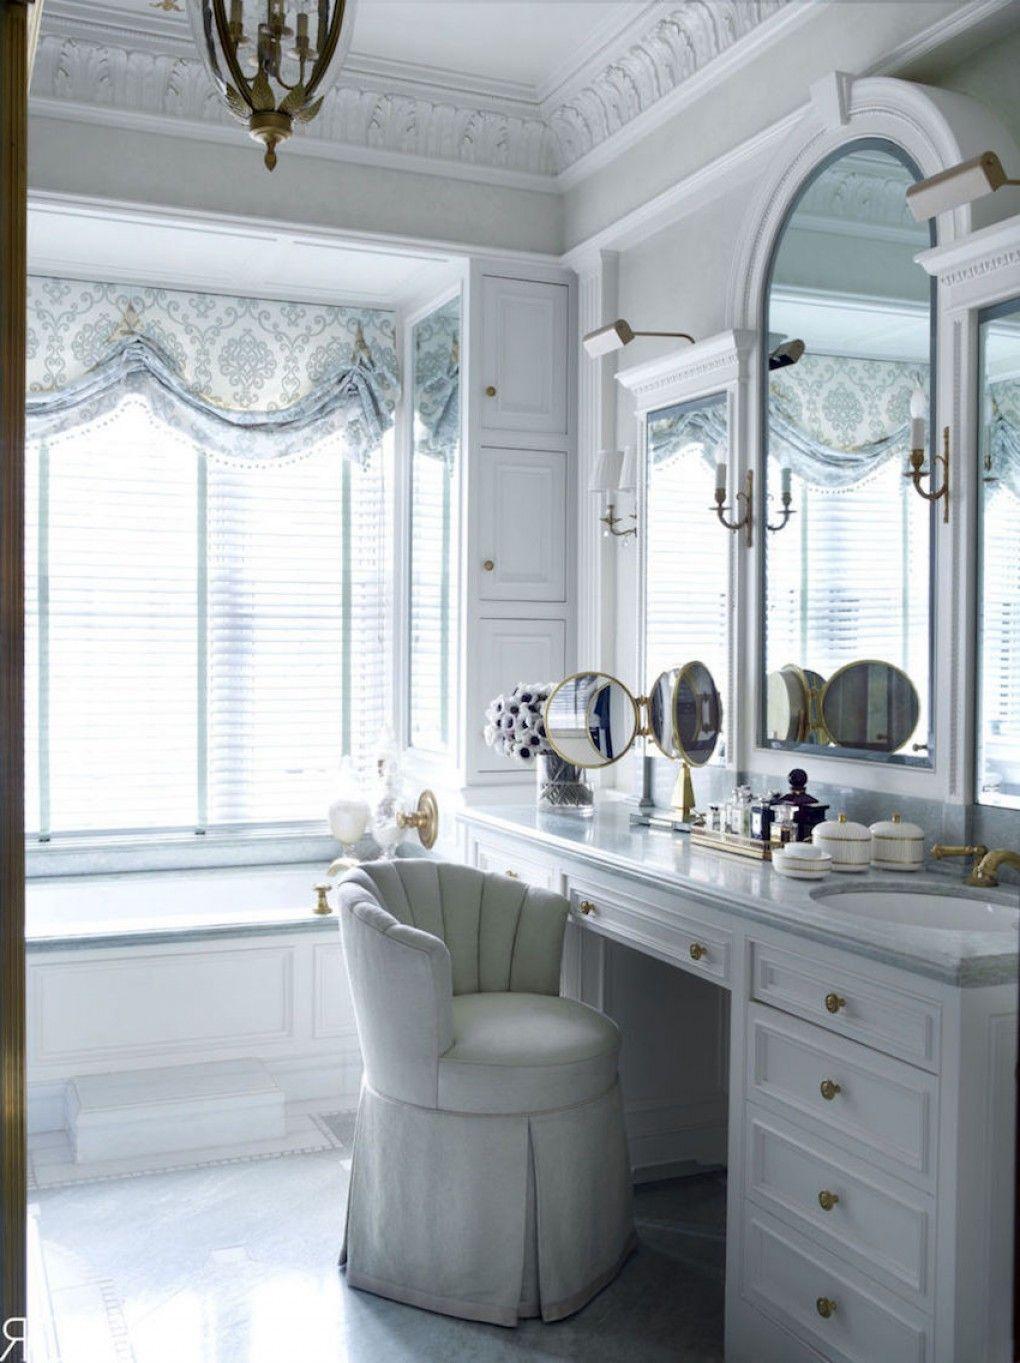 Image result for 1940s bathroom | 1940s Bath Design | Pinterest ...